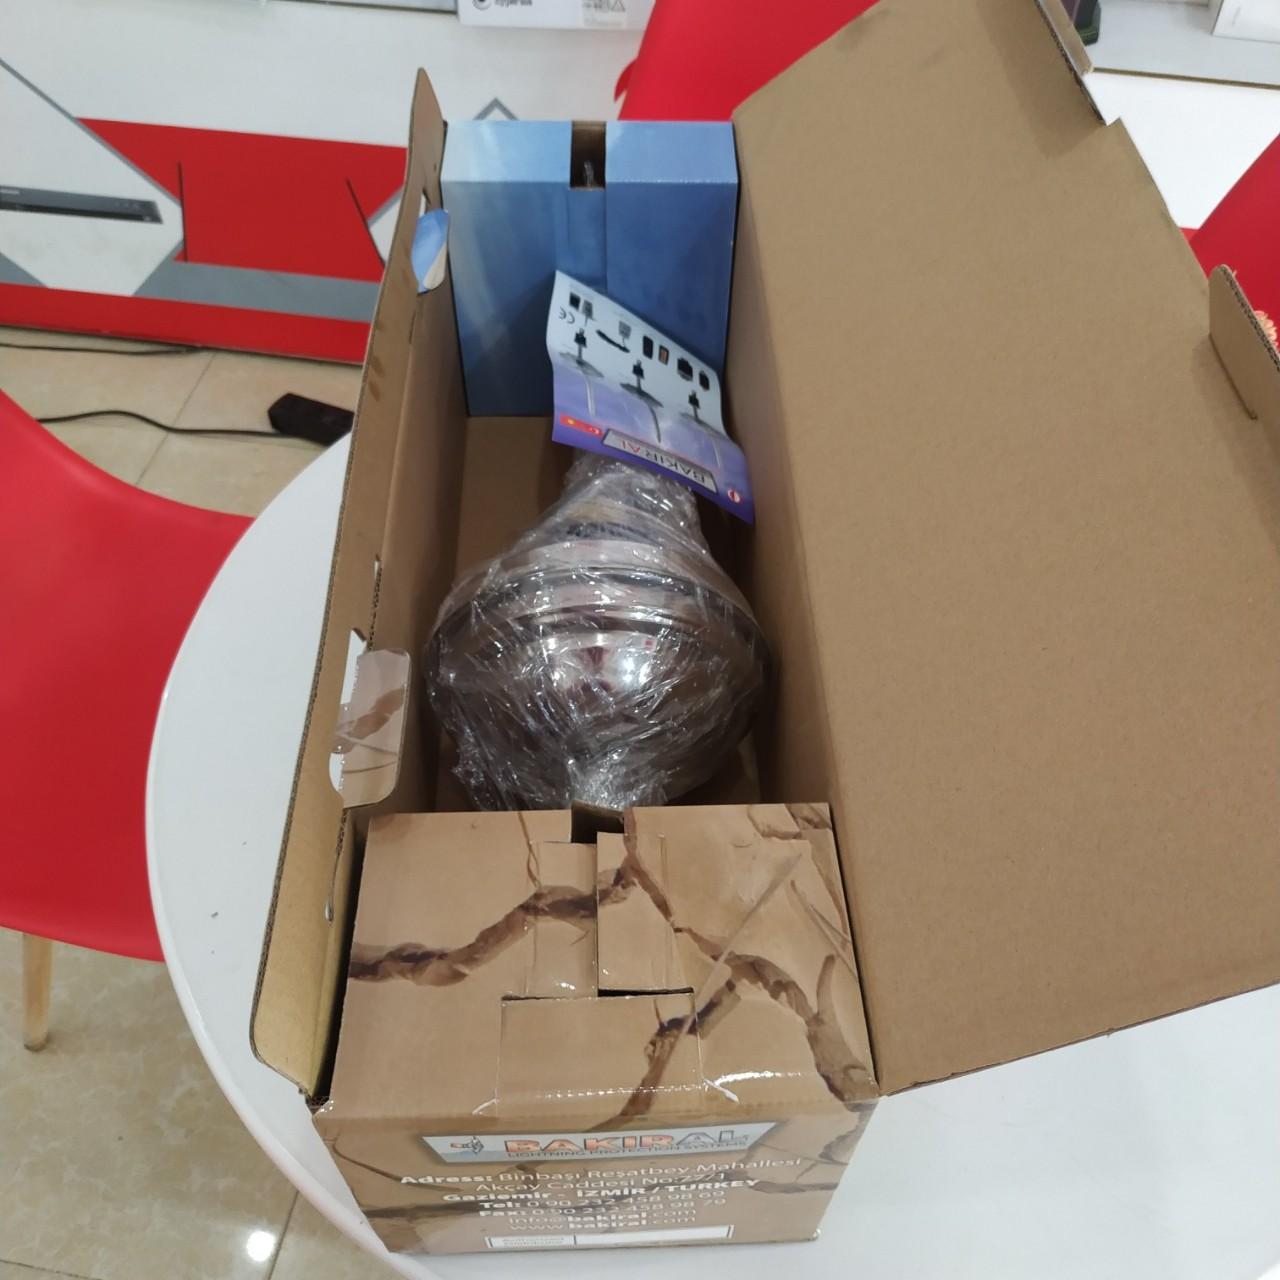 Bao bì đóng gói sản phẩm kim thu sét